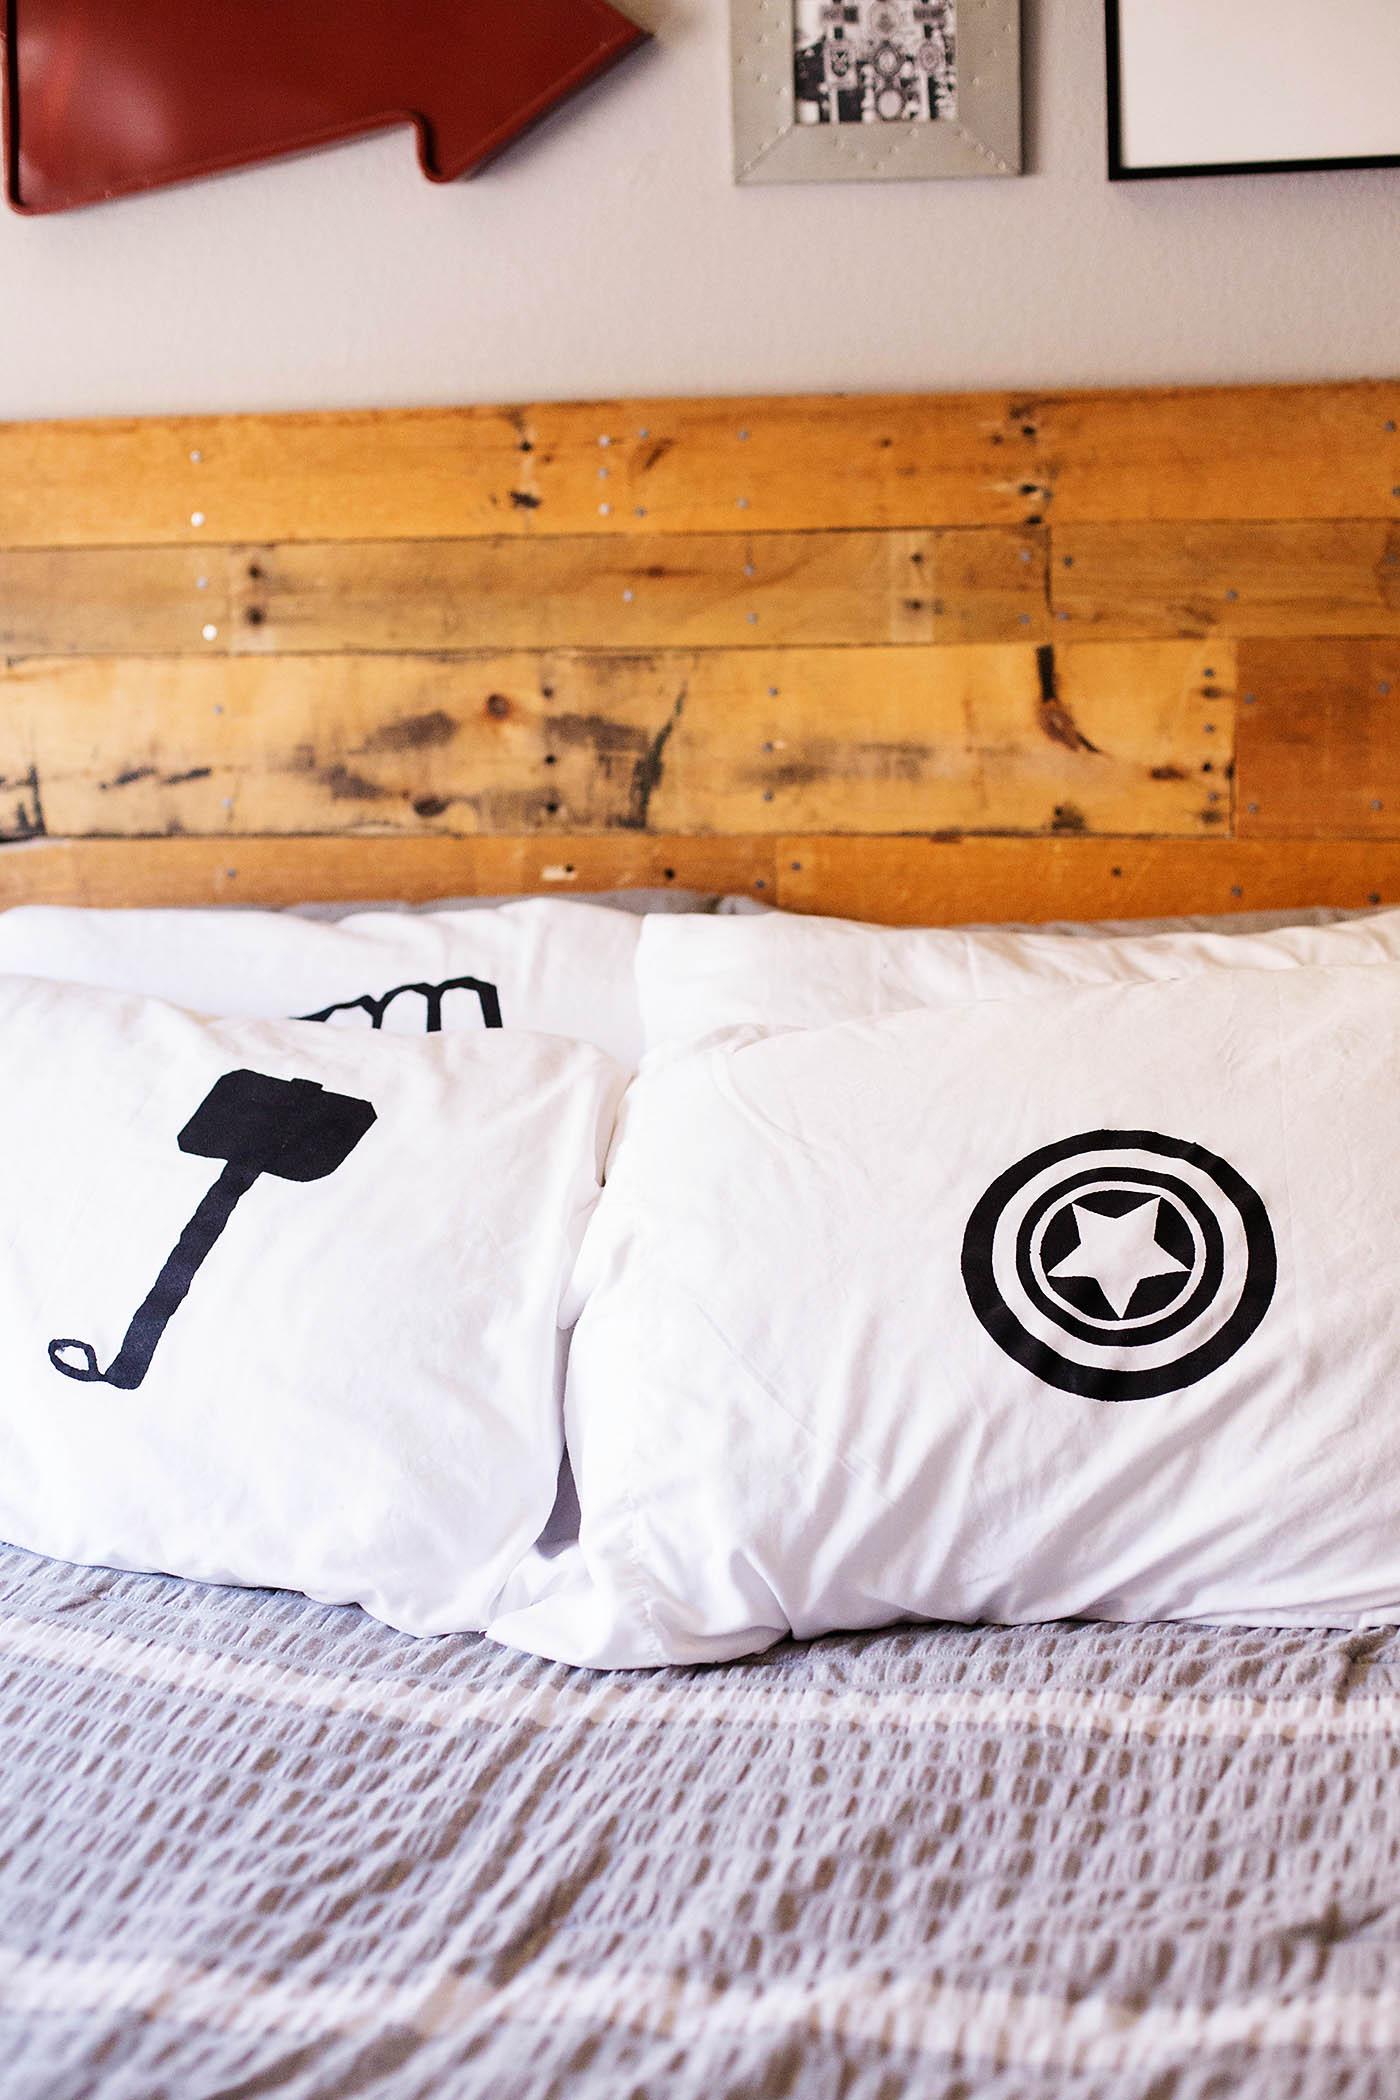 DIY Avengers Pillowcases & DIY Avengers Pillowcases \u2014 All for the Boys pillowsntoast.com